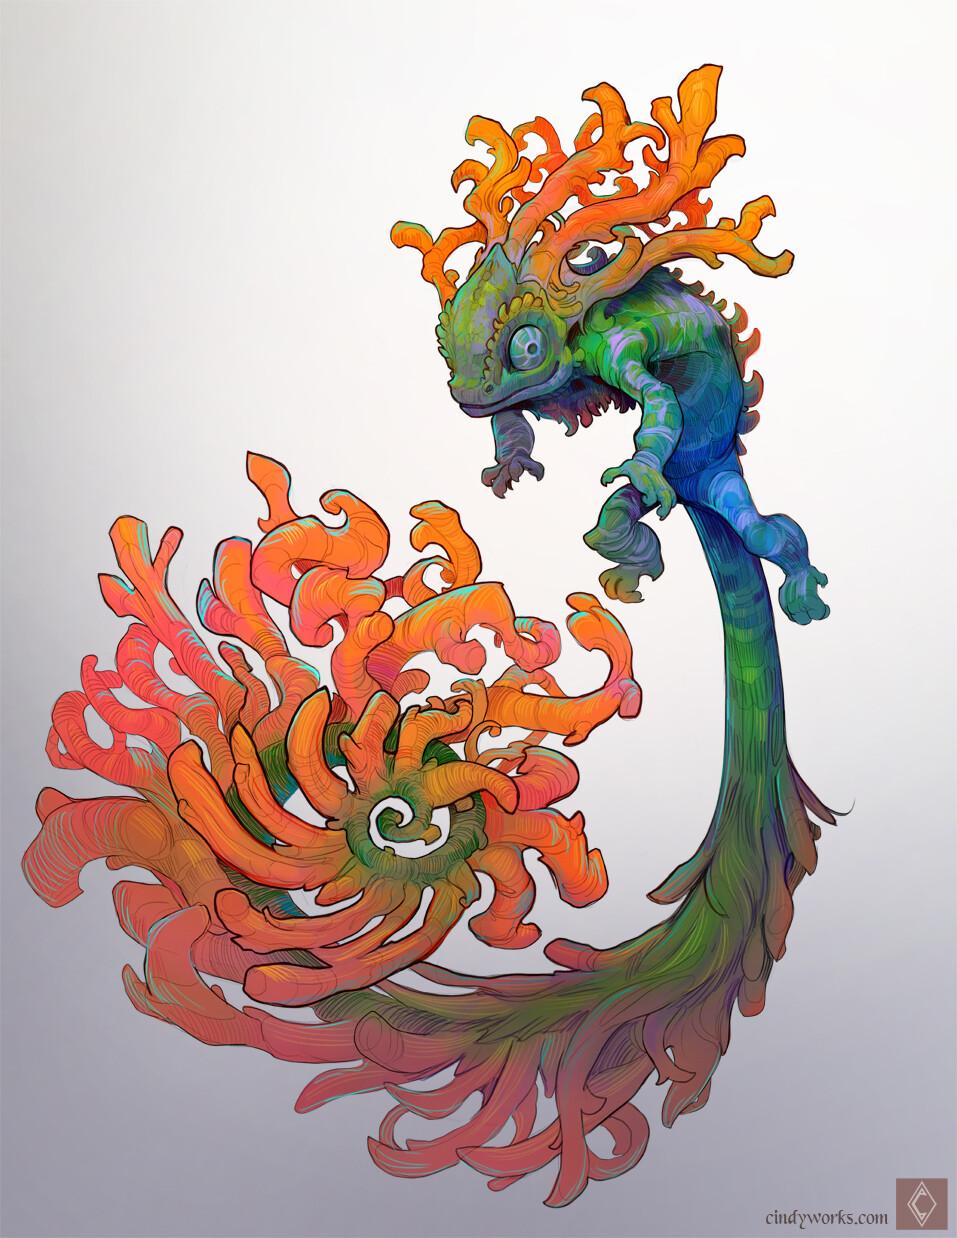 Coralito the Coraleon chameleon + coral